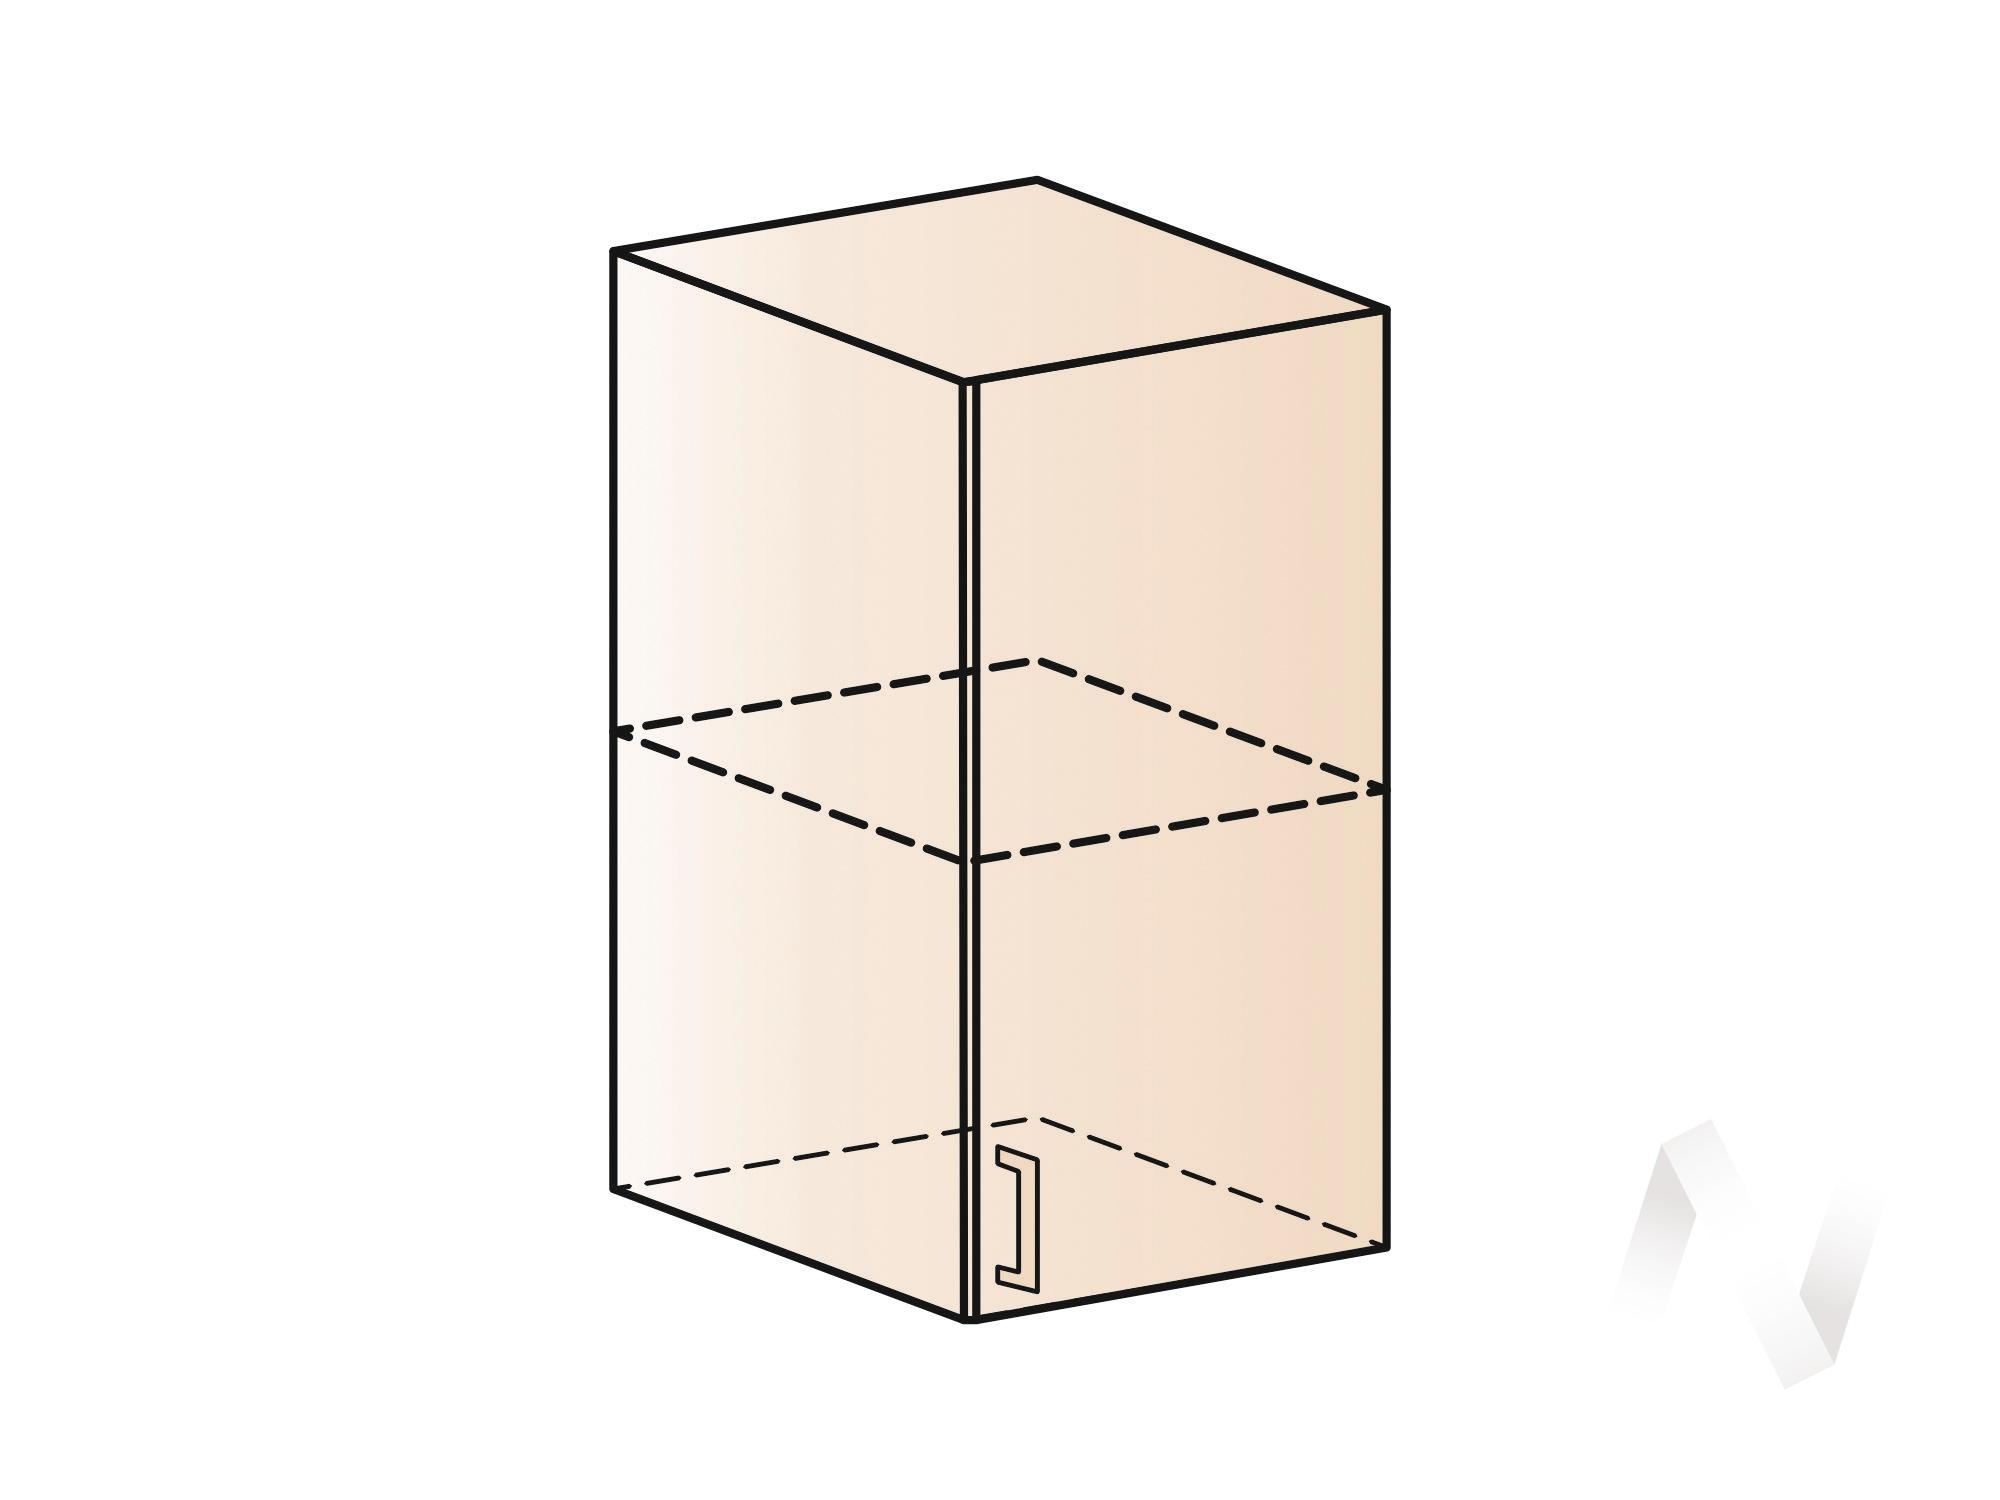 """Кухня """"Терра"""": Шкаф верхний правый 400, ШВ 400 (ваниль софт/ель карпатская/корпус титан)  в Томске — интернет магазин МИРА-мебель"""